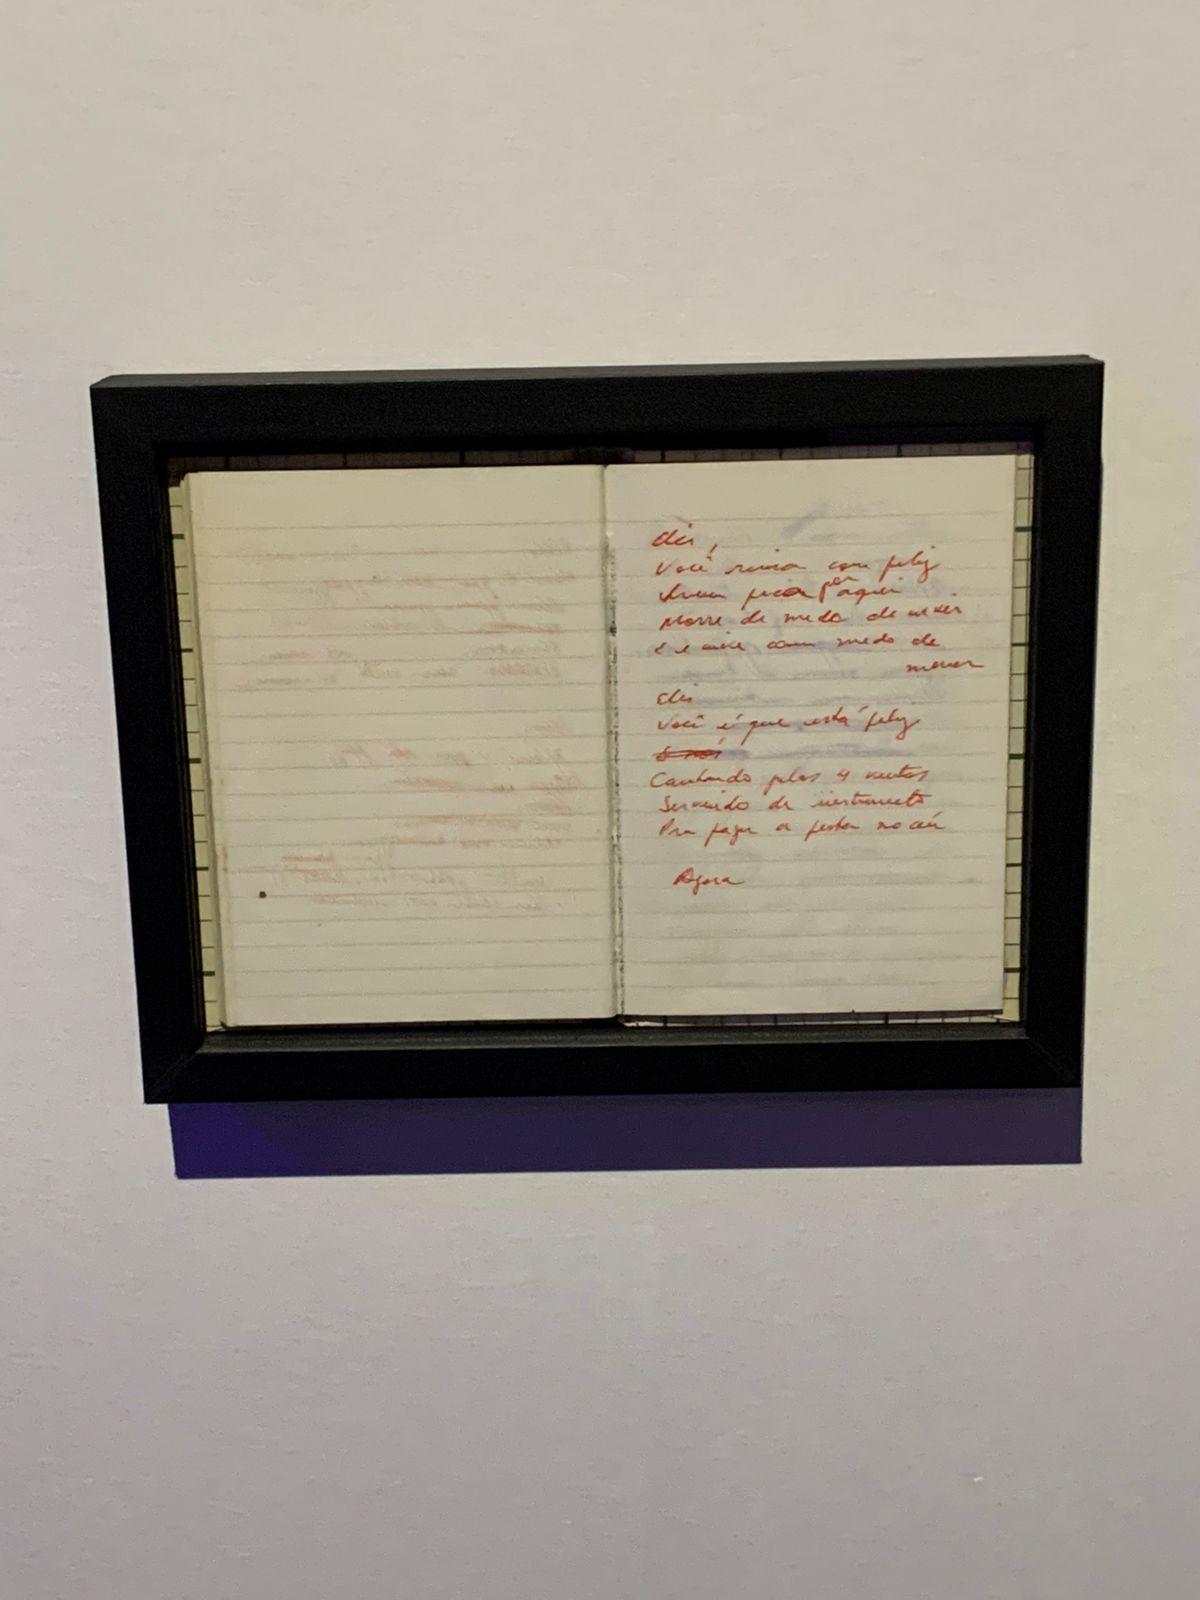 Poema inédito escrito por Rita Lee em homenagem à Elis Regina